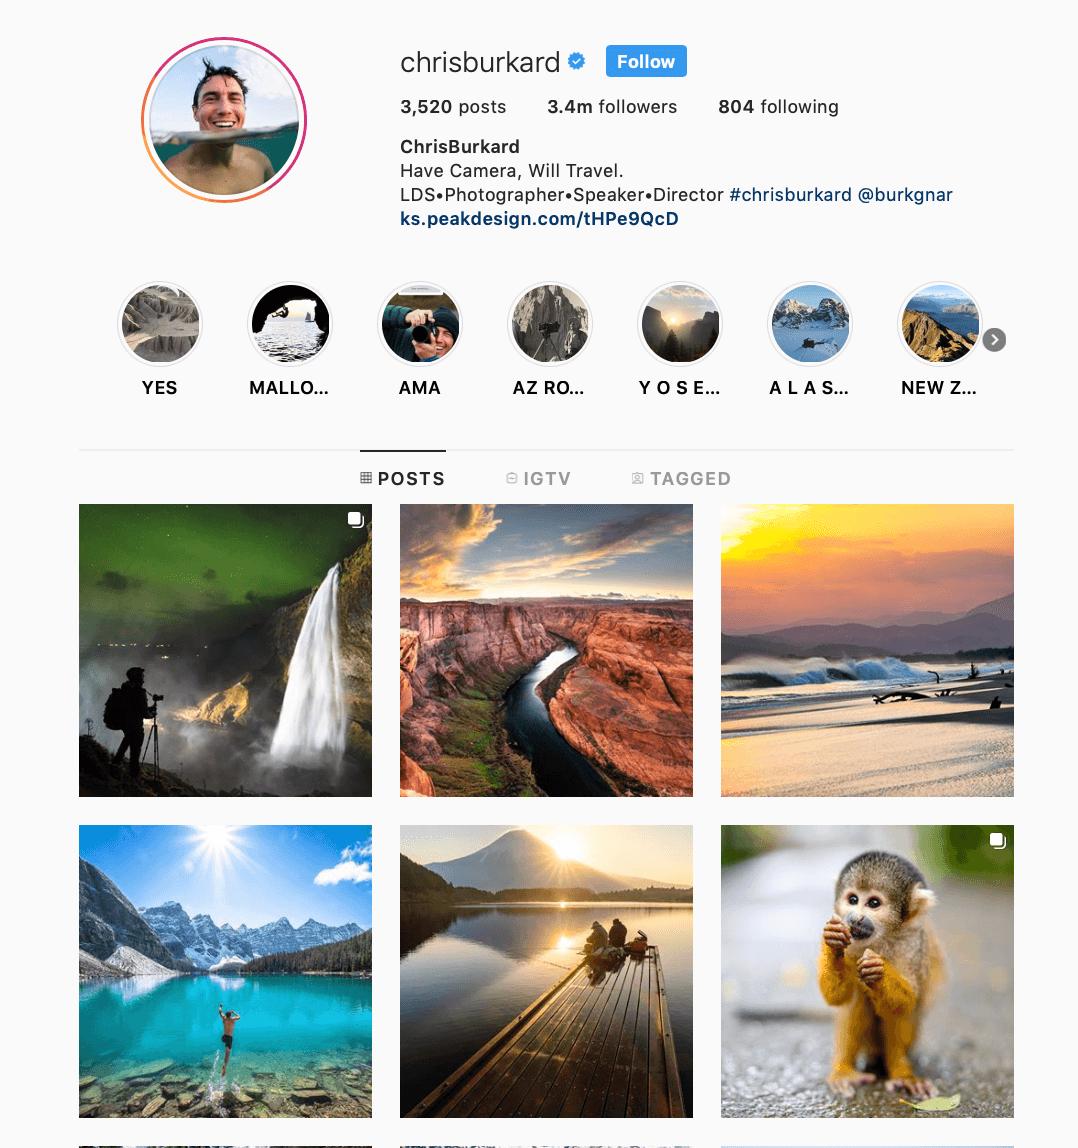 Təsirli marketinq Instagram | Ən yaxşı marketinq Instagram 29